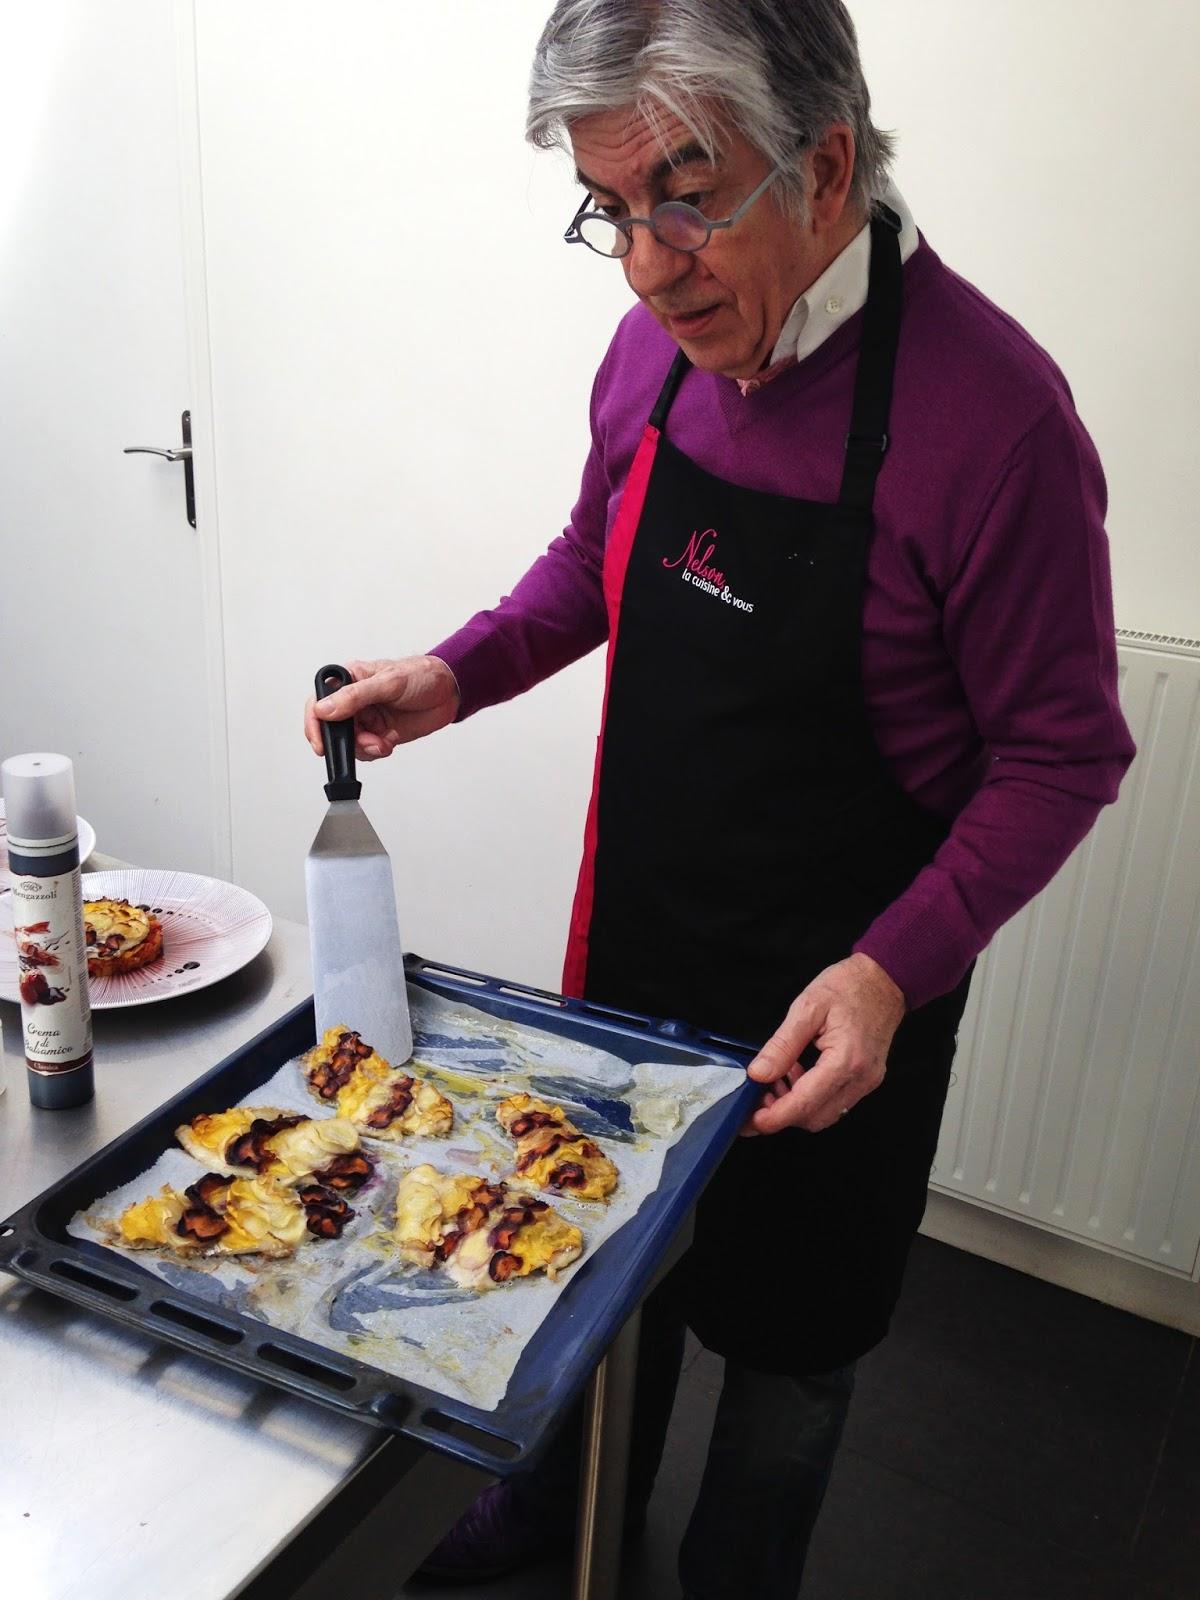 Gallery of clermont ferrand premier cours de cuisine chez nelson for cours de cuisine clermont - Atelier cuisine clermont ferrand ...